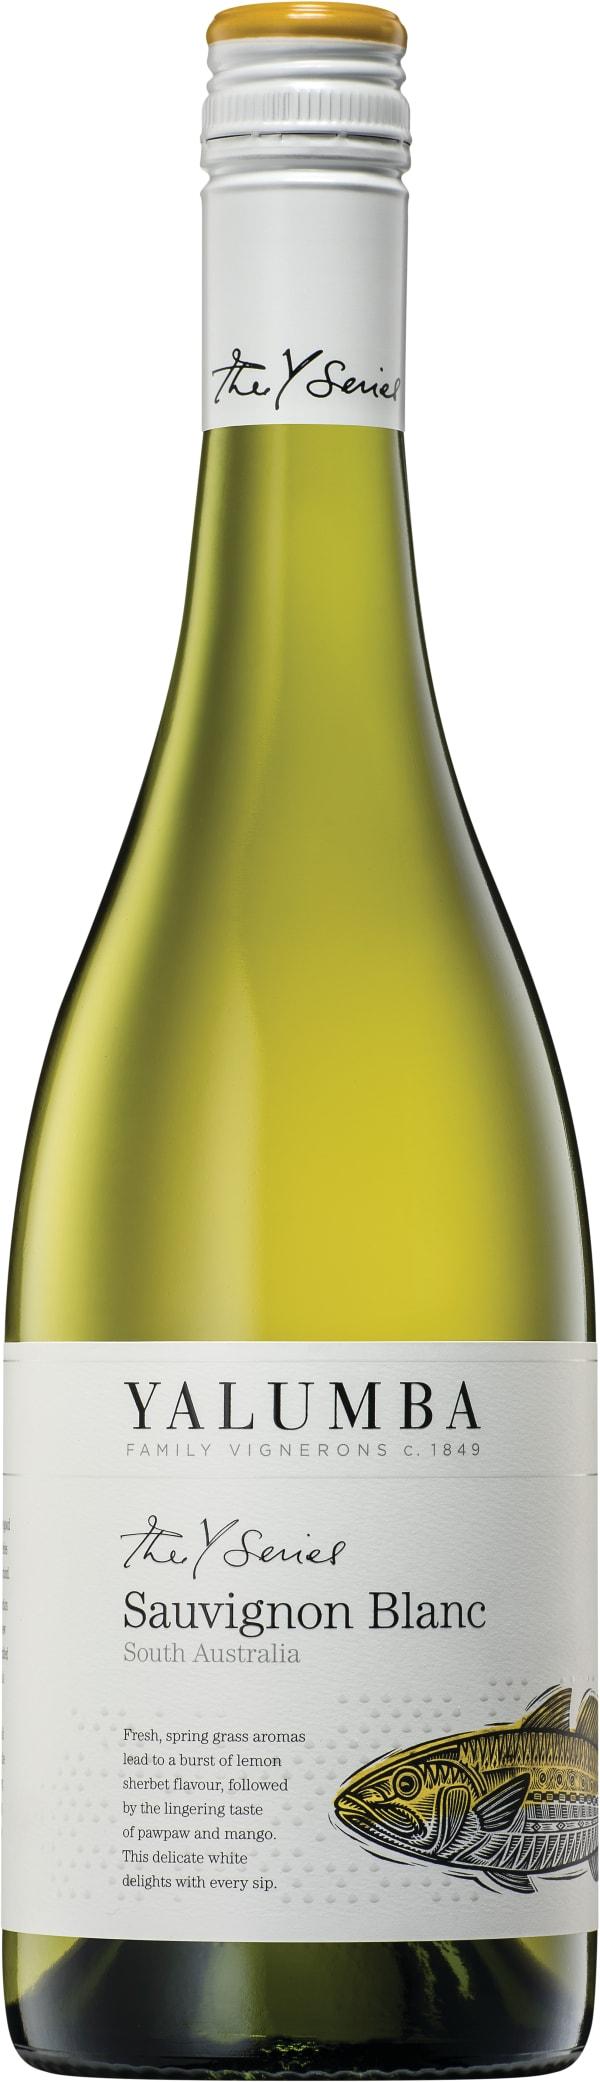 Yalumba Y Series Sauvignon Blanc 2016